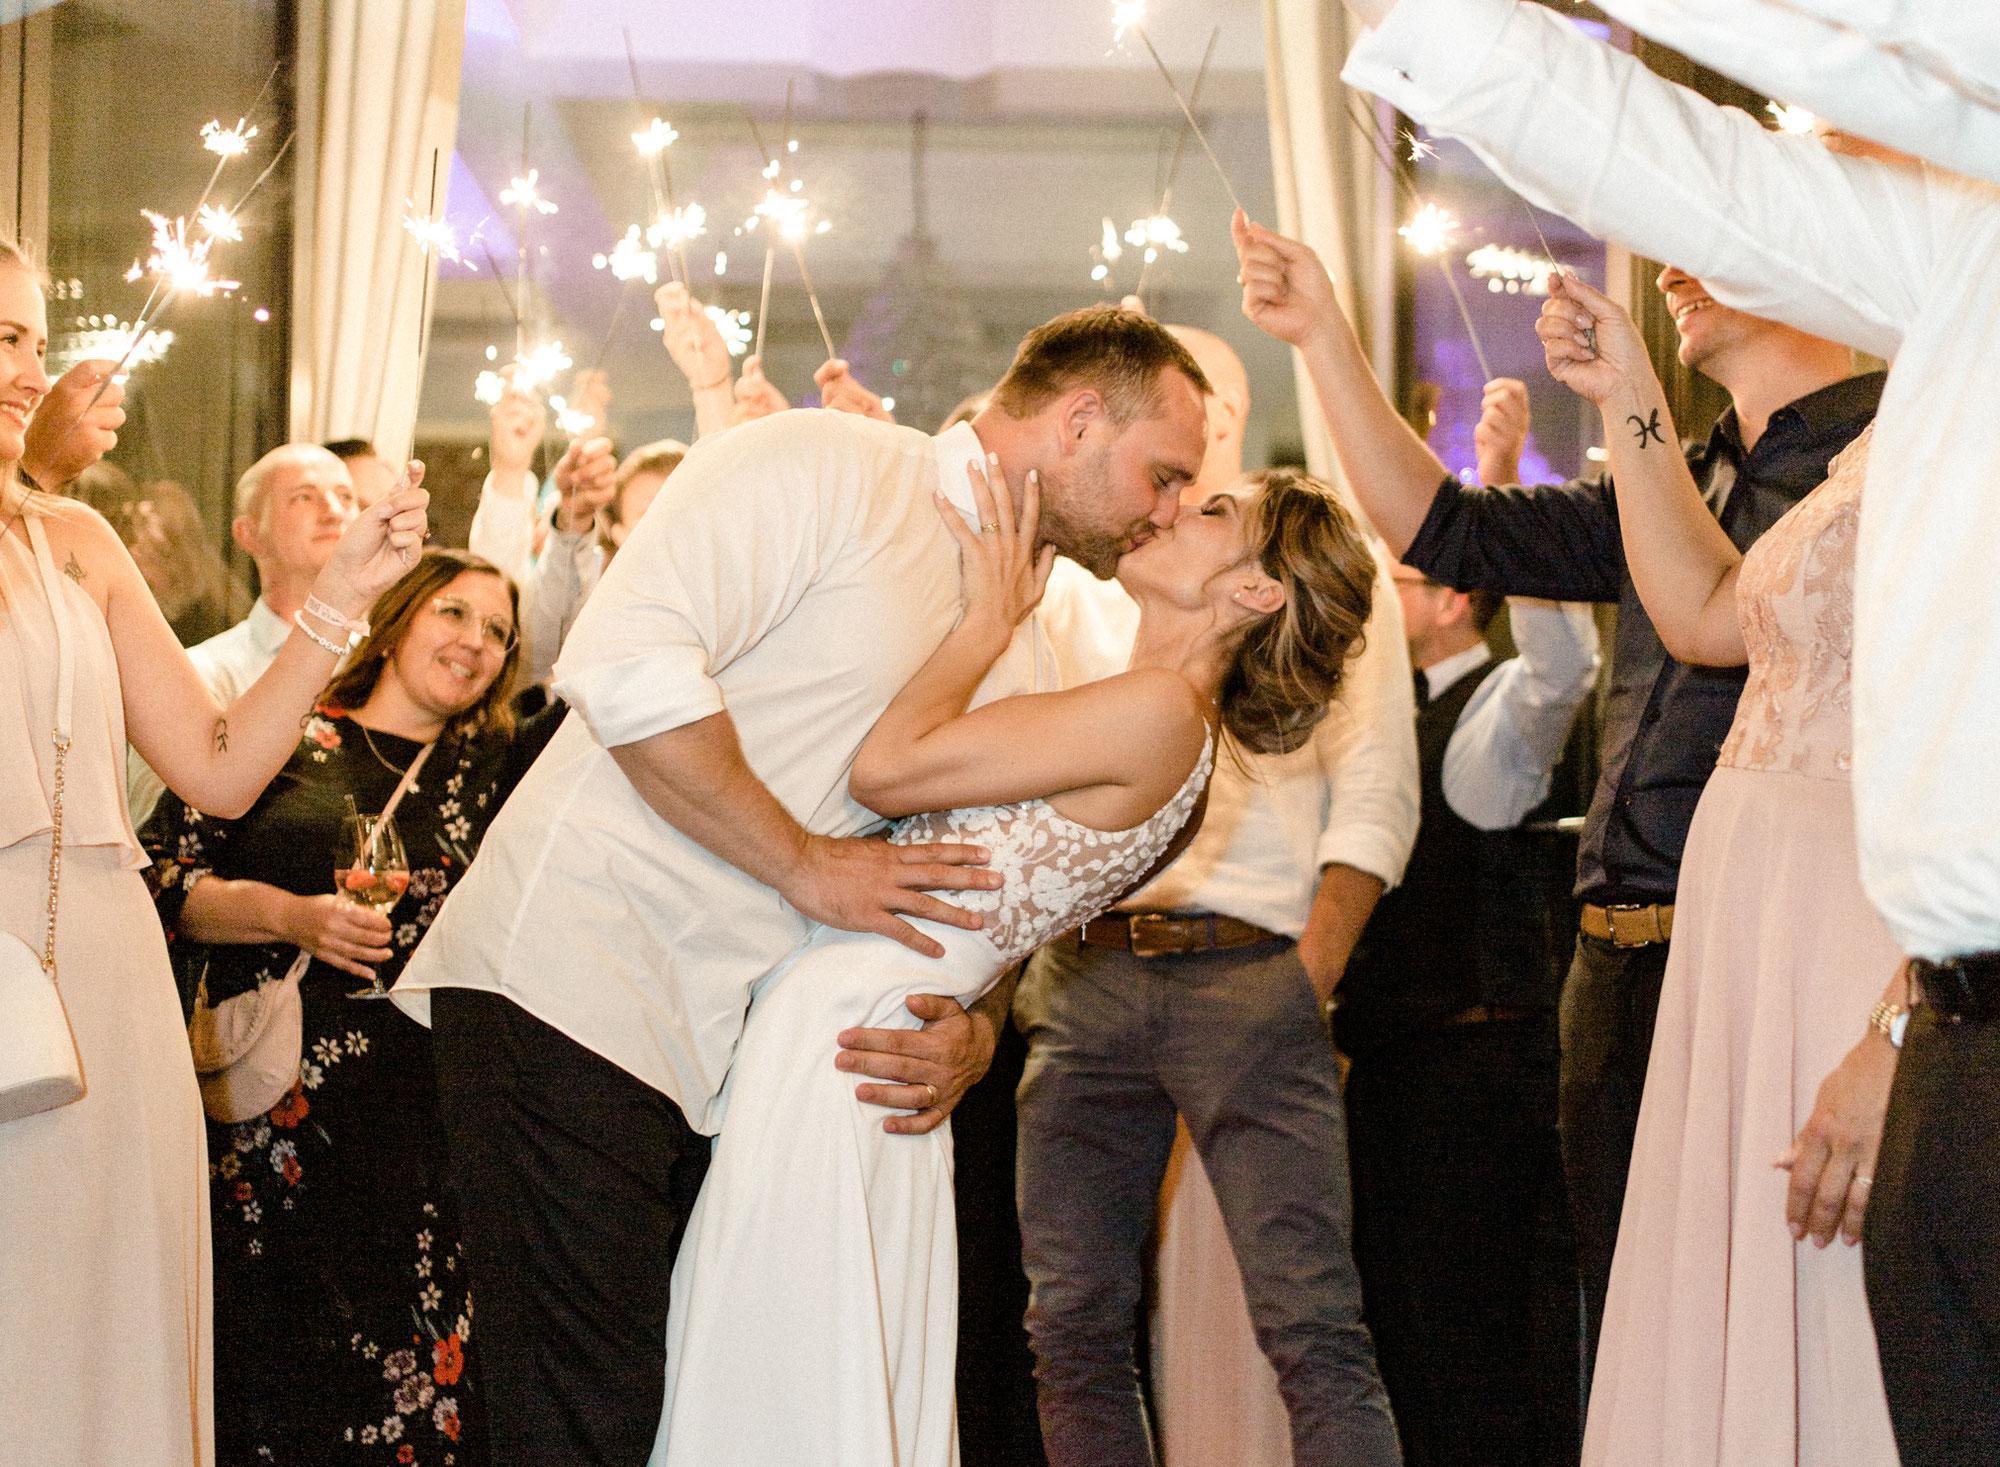 Songauswahl für die wichtigsten Momente an eurem Hochzeitstag